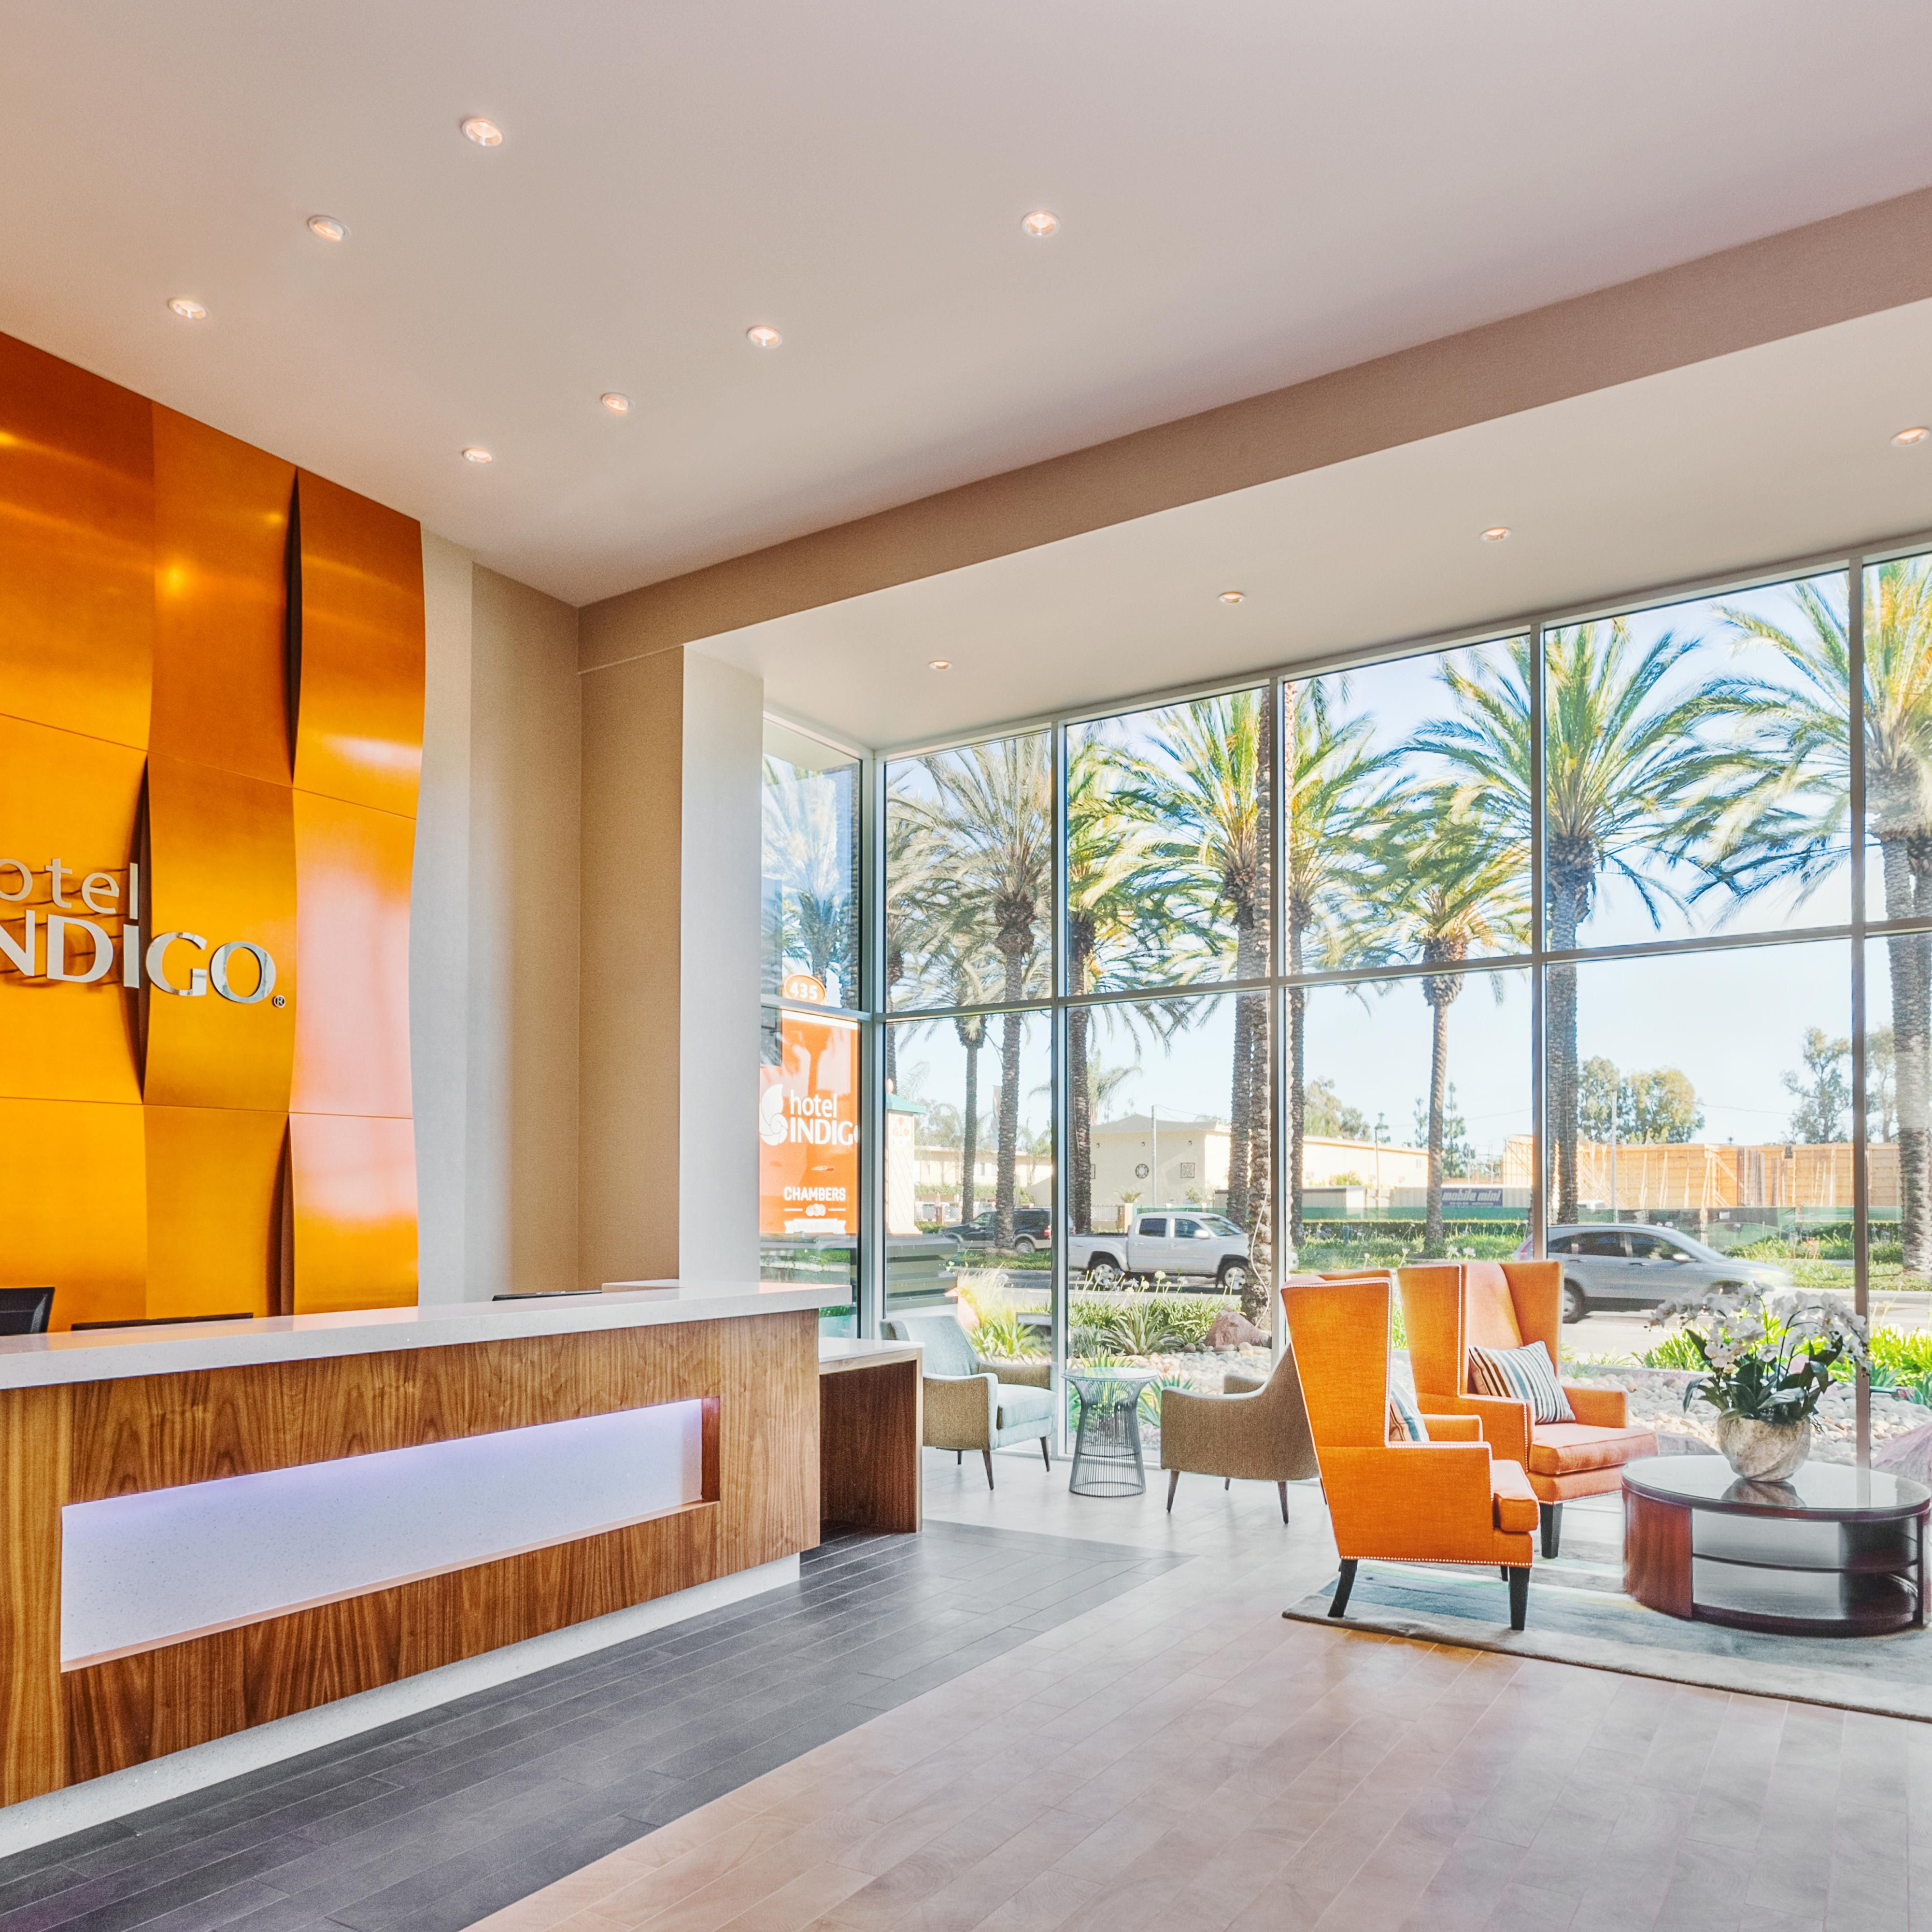 Hotel Indigo Reception